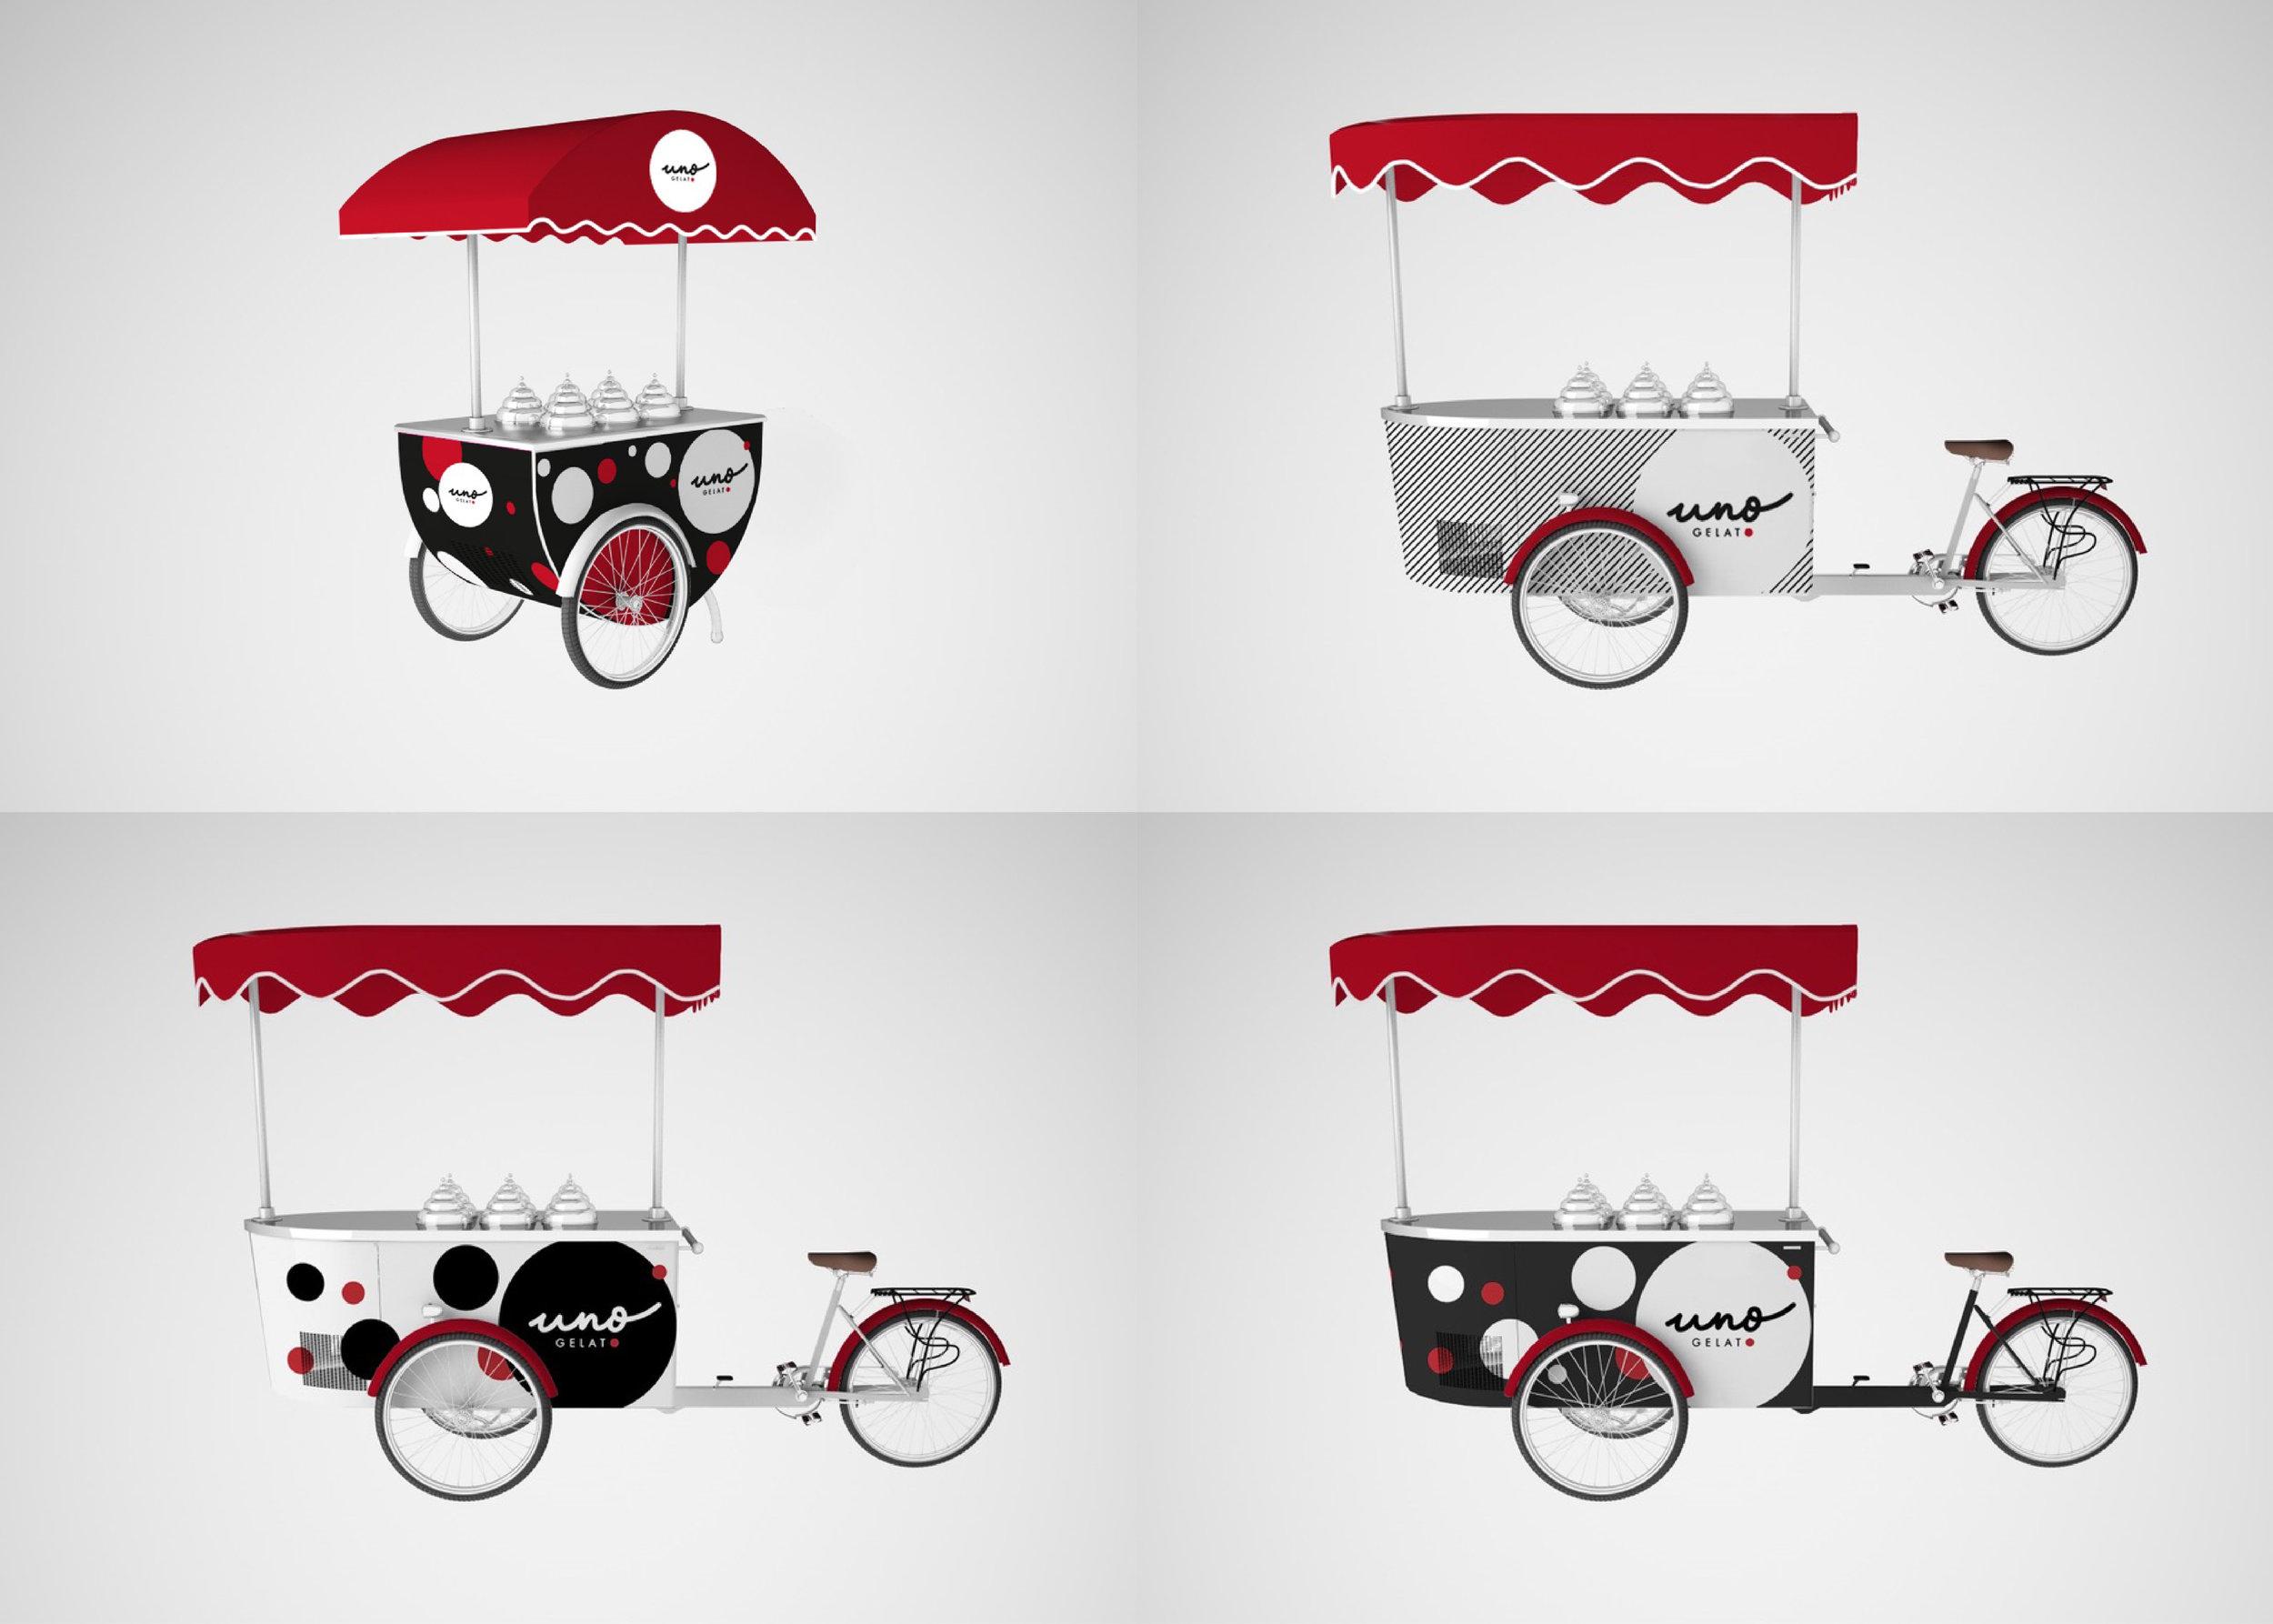 uno_carts.jpg